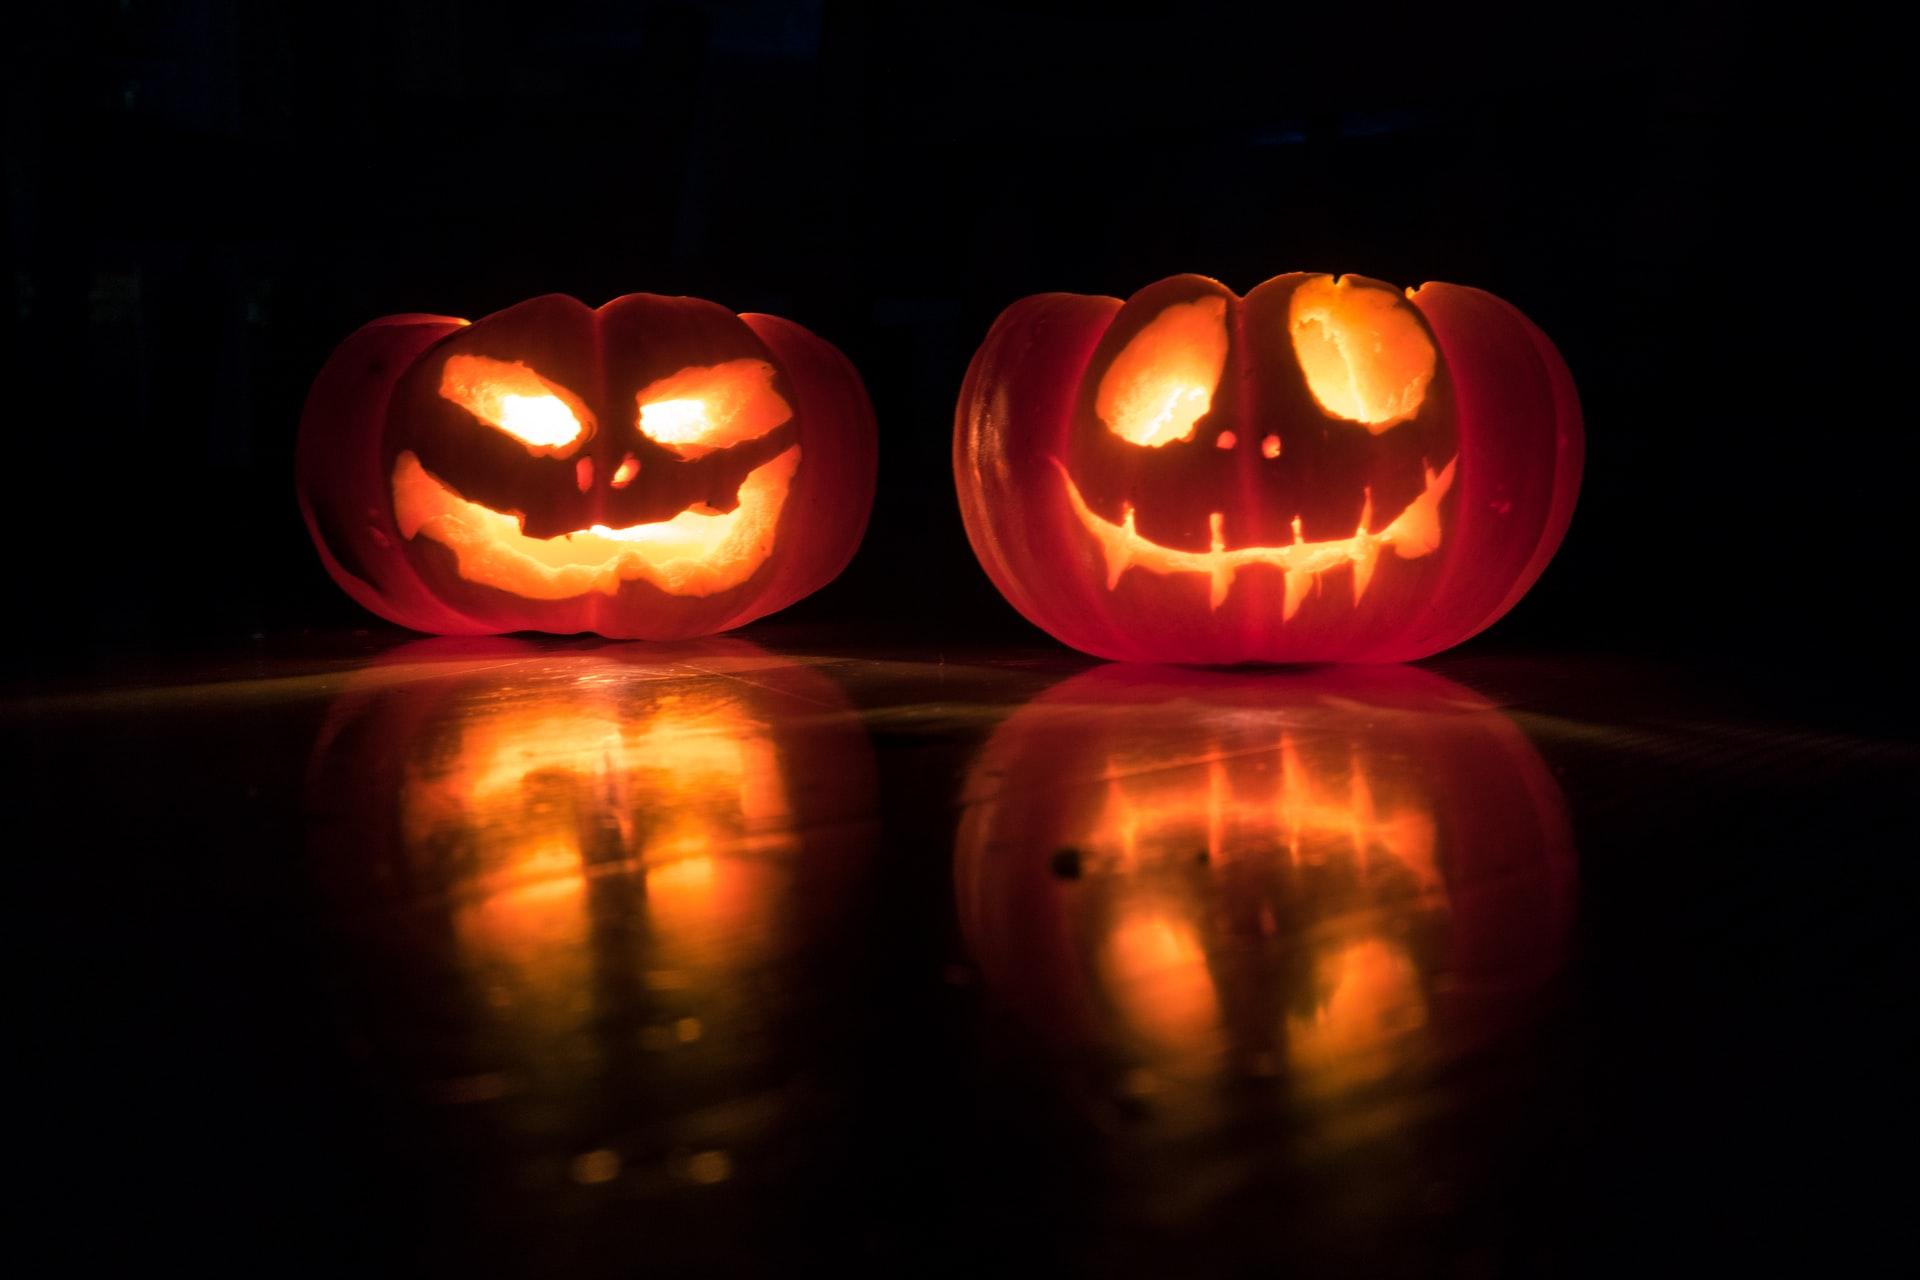 two lit jack-o-lanterns